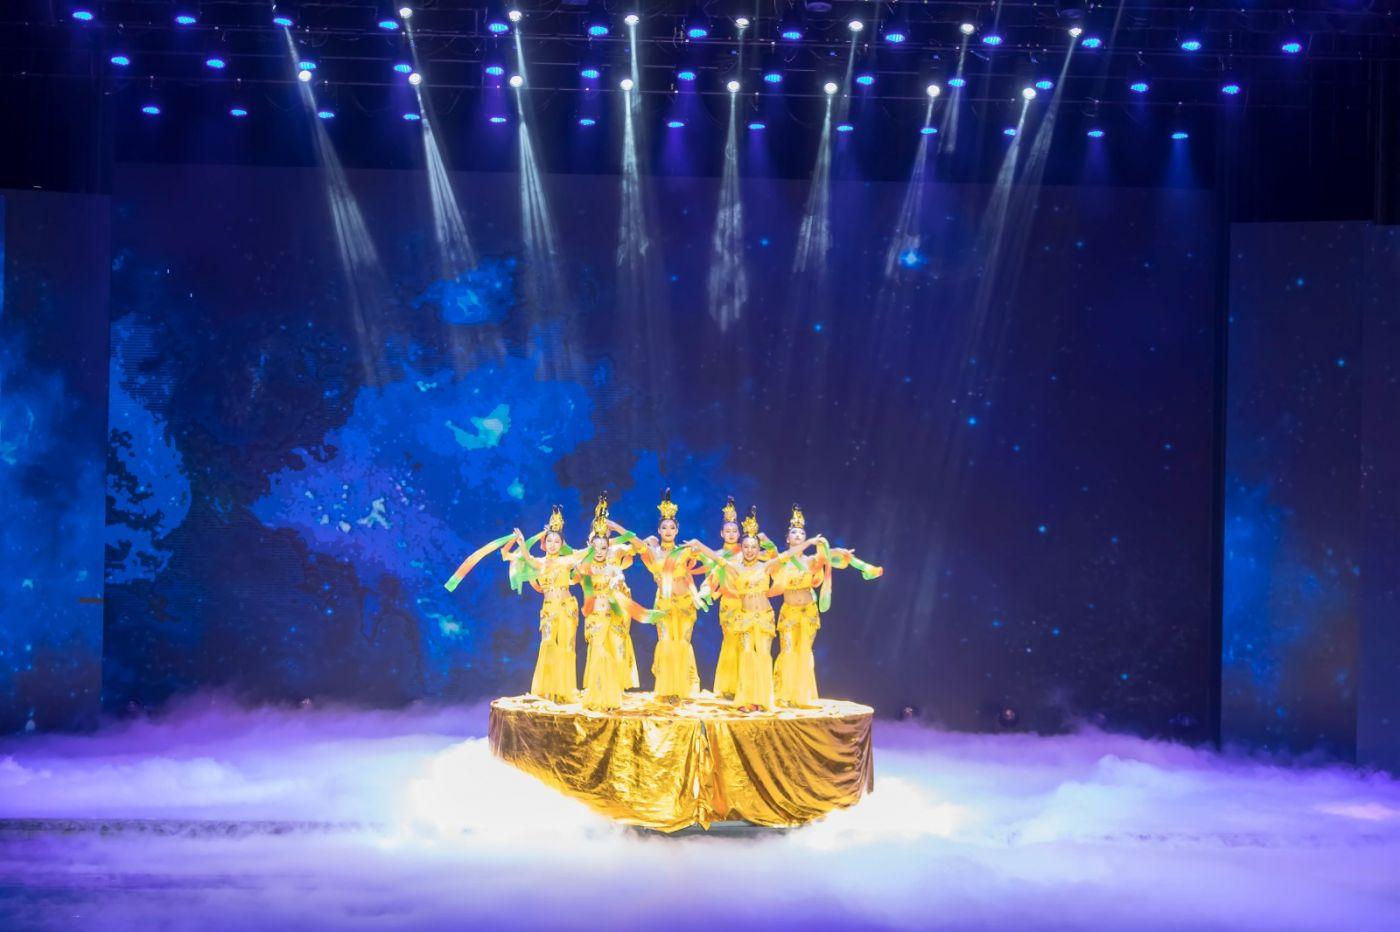 沂蒙大地上 有一种舞蹈叫飞天 这是几位临沂女孩的杰作 美轮美奂 ..._图1-14